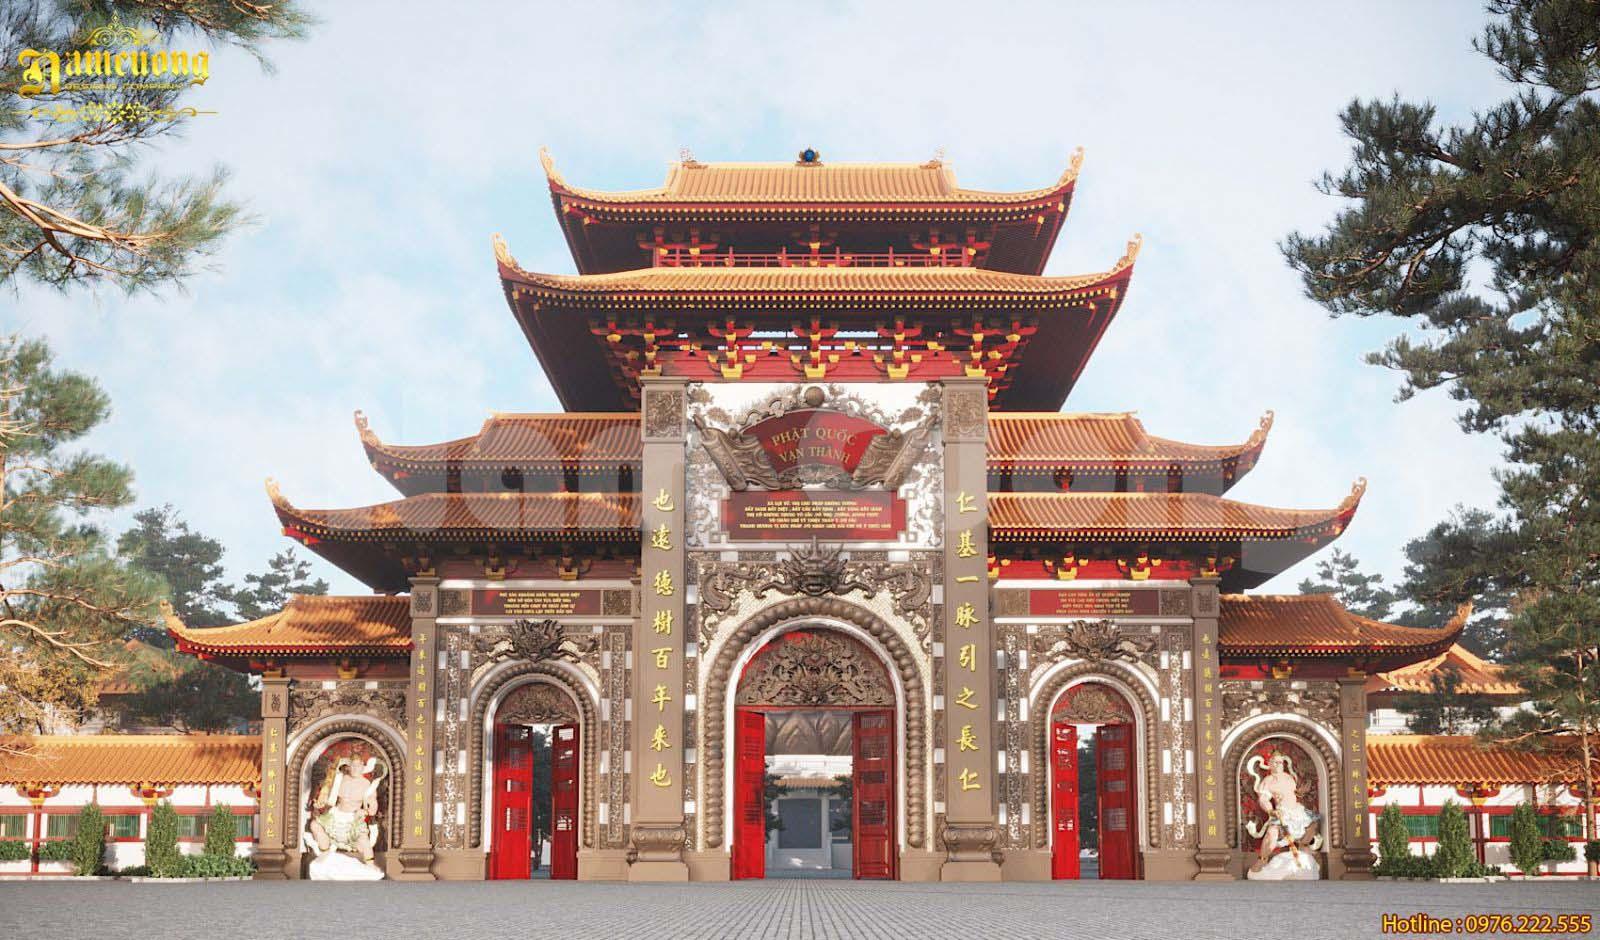 Thiết kế chùa Phật Quốc Vạn Thành